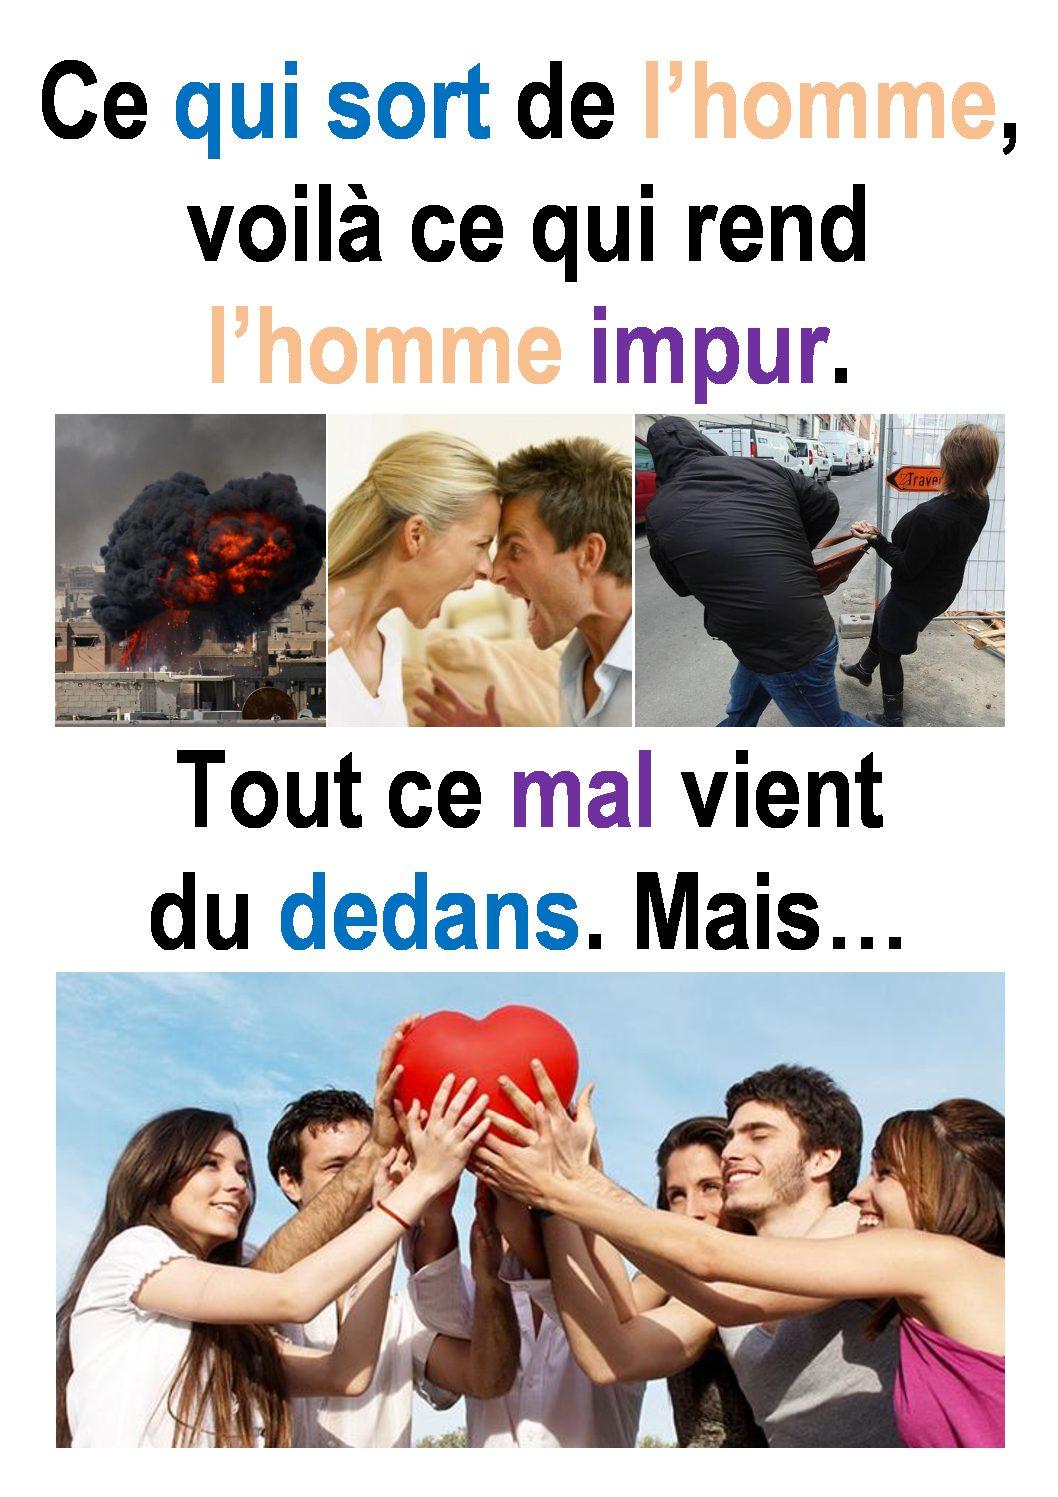 22ième Dimanche du Temps Ordinaire – par Francis COUSIN (Marc 7, 1-8.14-15.21-23)